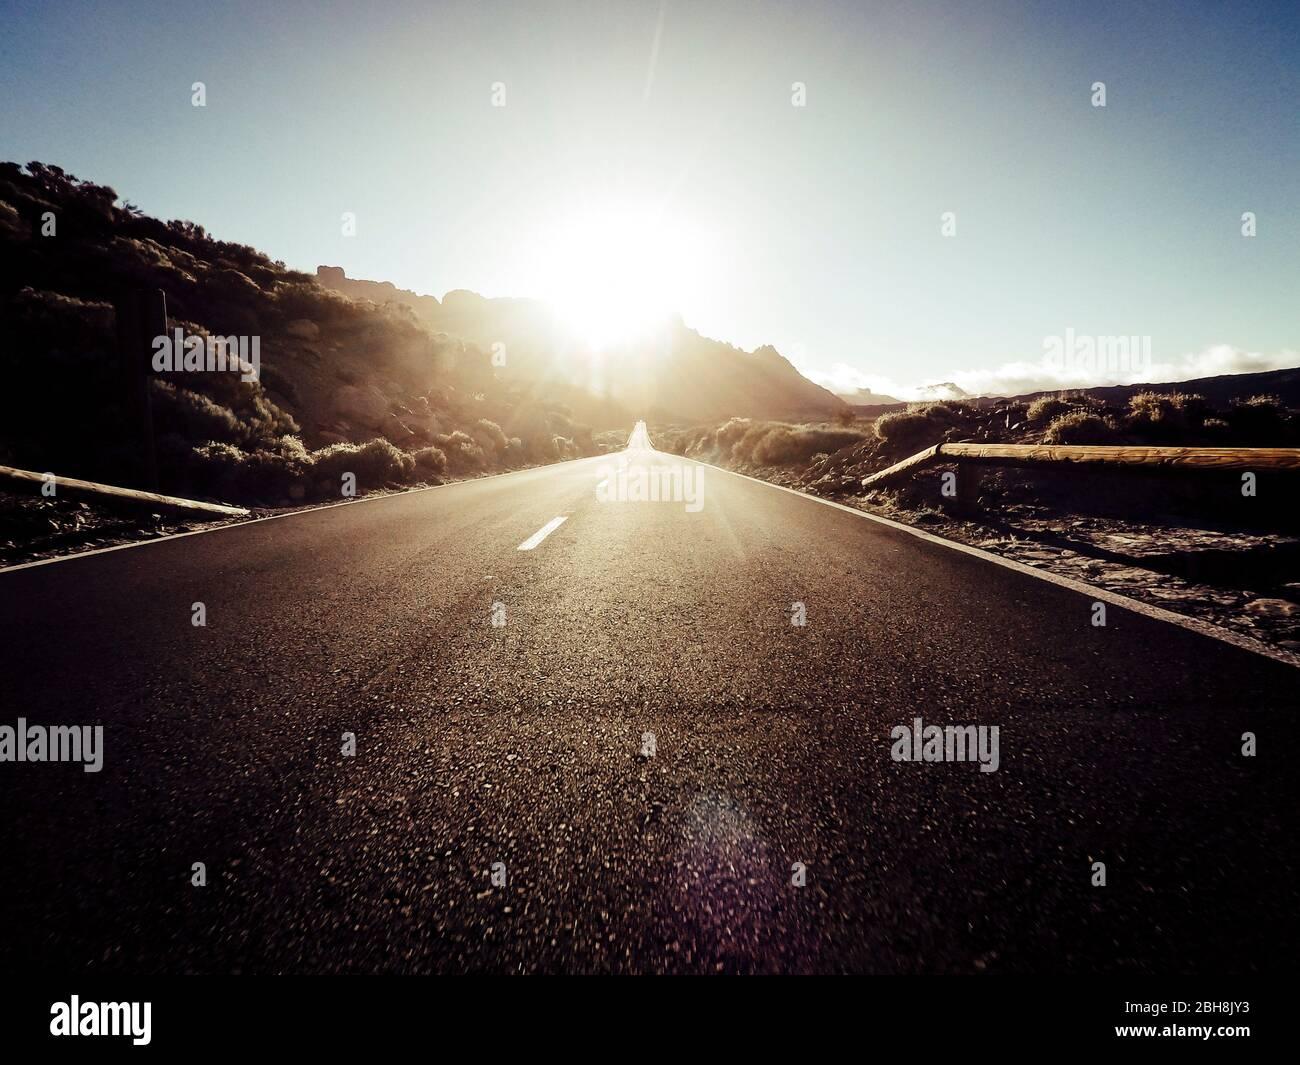 Route à long chemin à la montagne avec soleil en face et effet de lumière du soleil - point de vue du sol avec asphalte noir et lignes blanches - concept de conduite et de voyage Banque D'Images